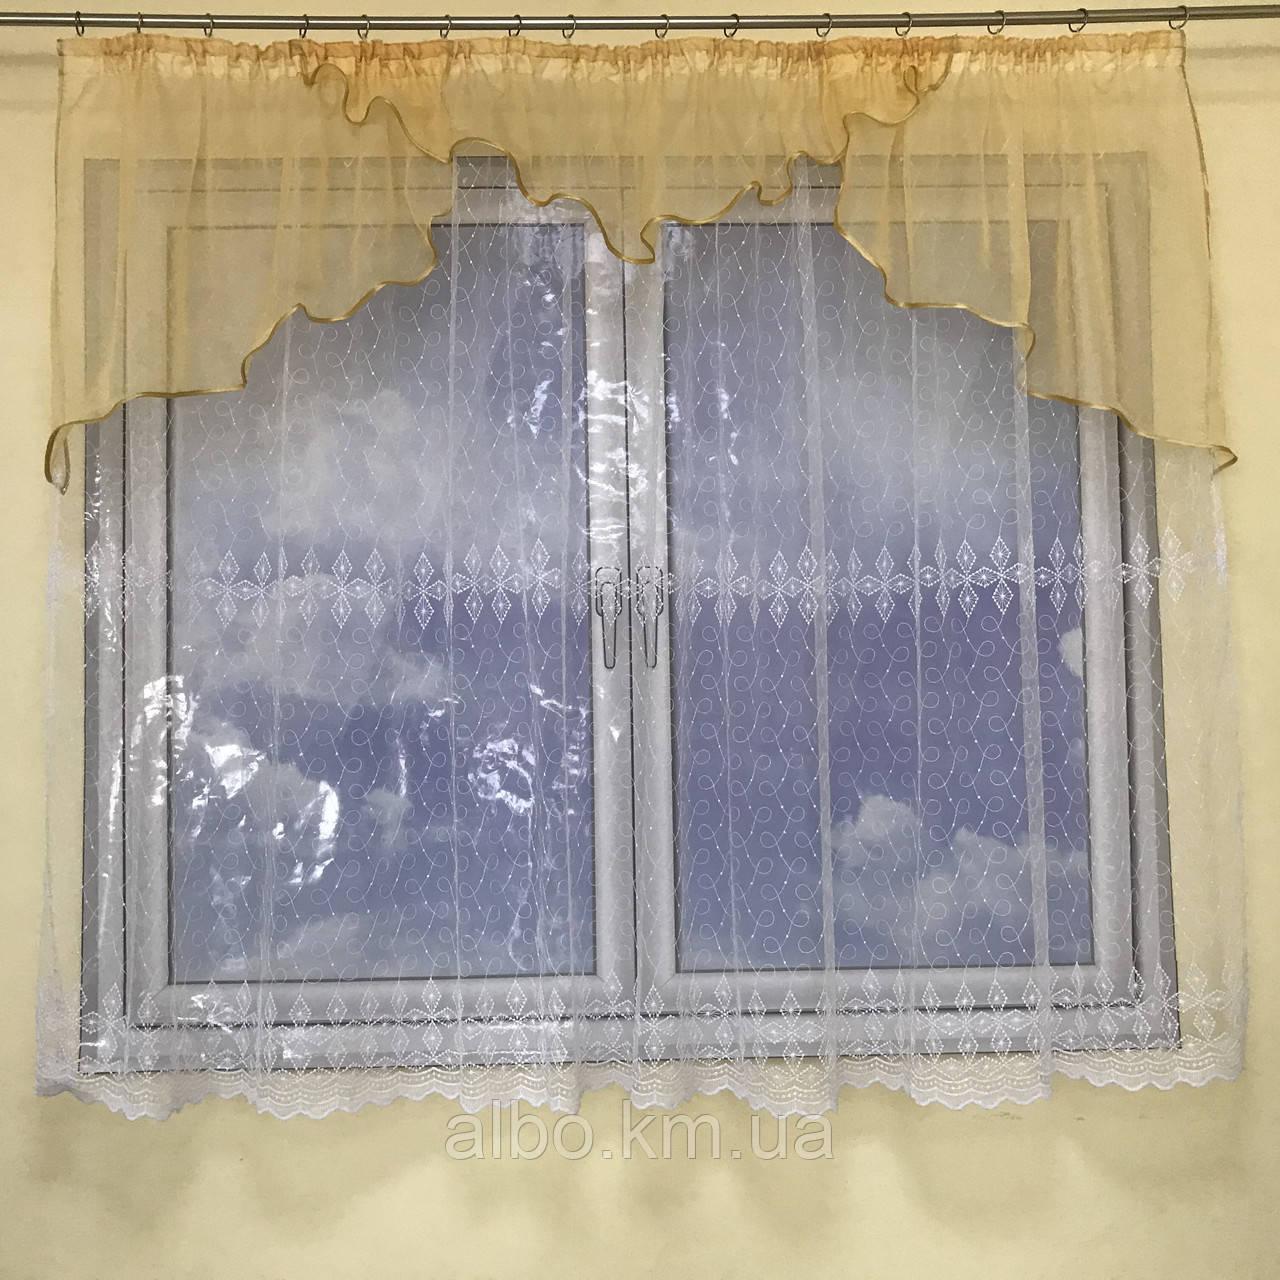 Короткая тюль для спальни из фатинаALBO 300x160 cm Бело-бежевая (KU-125-0-2)